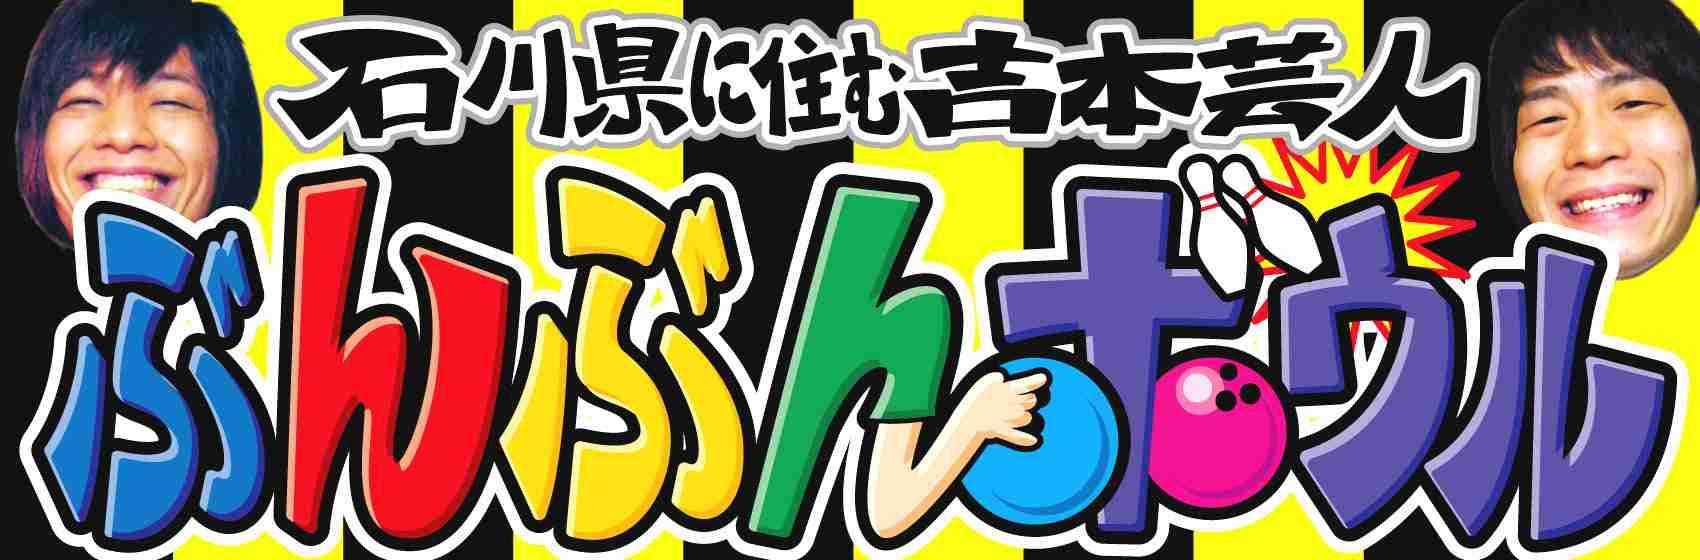 石川県のオススメ!